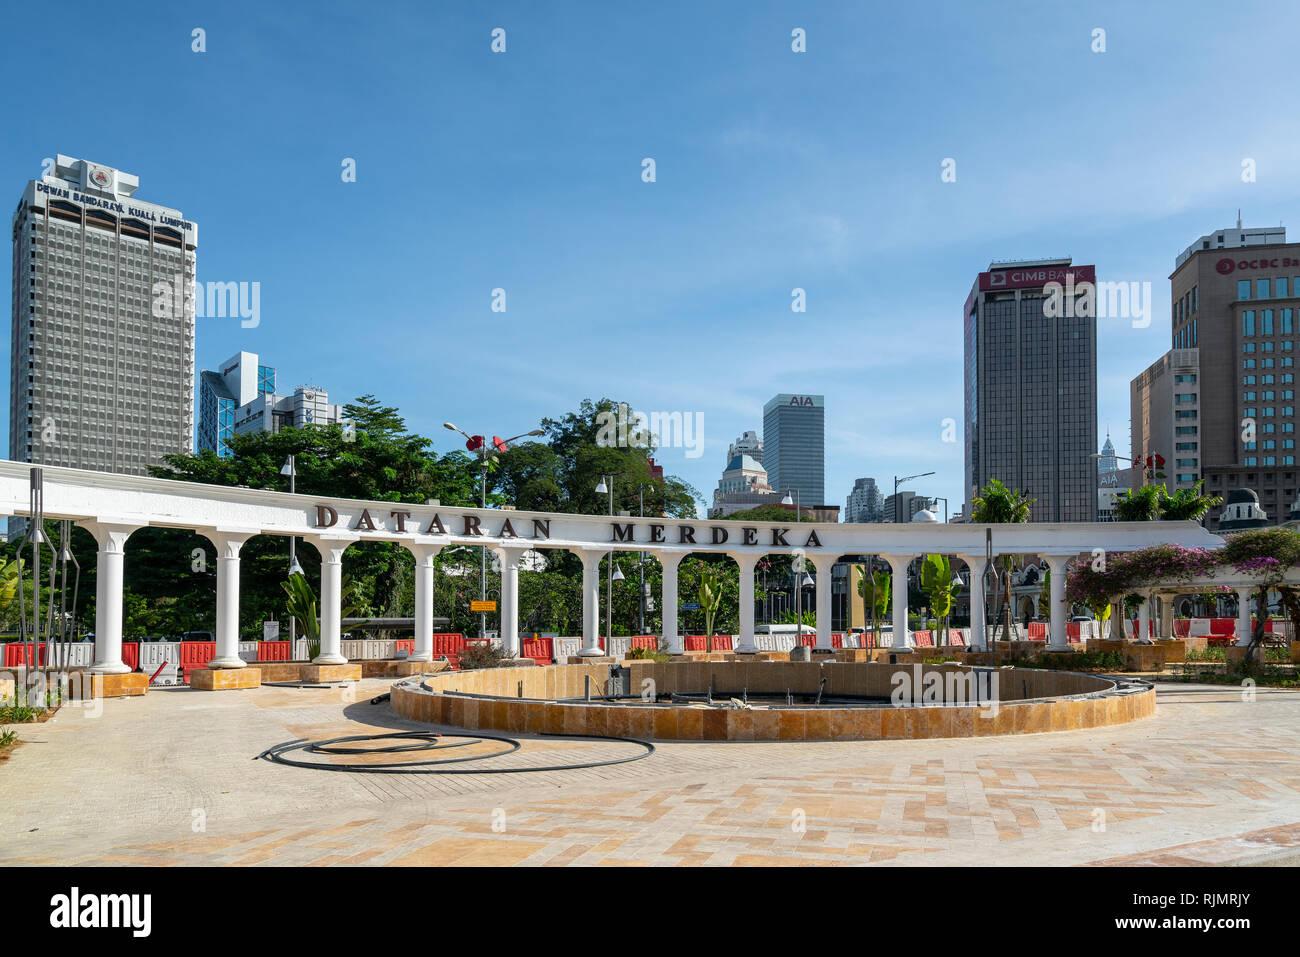 posti per collegare a Kuala Lumpur sito di incontri gratuito a Cape Town